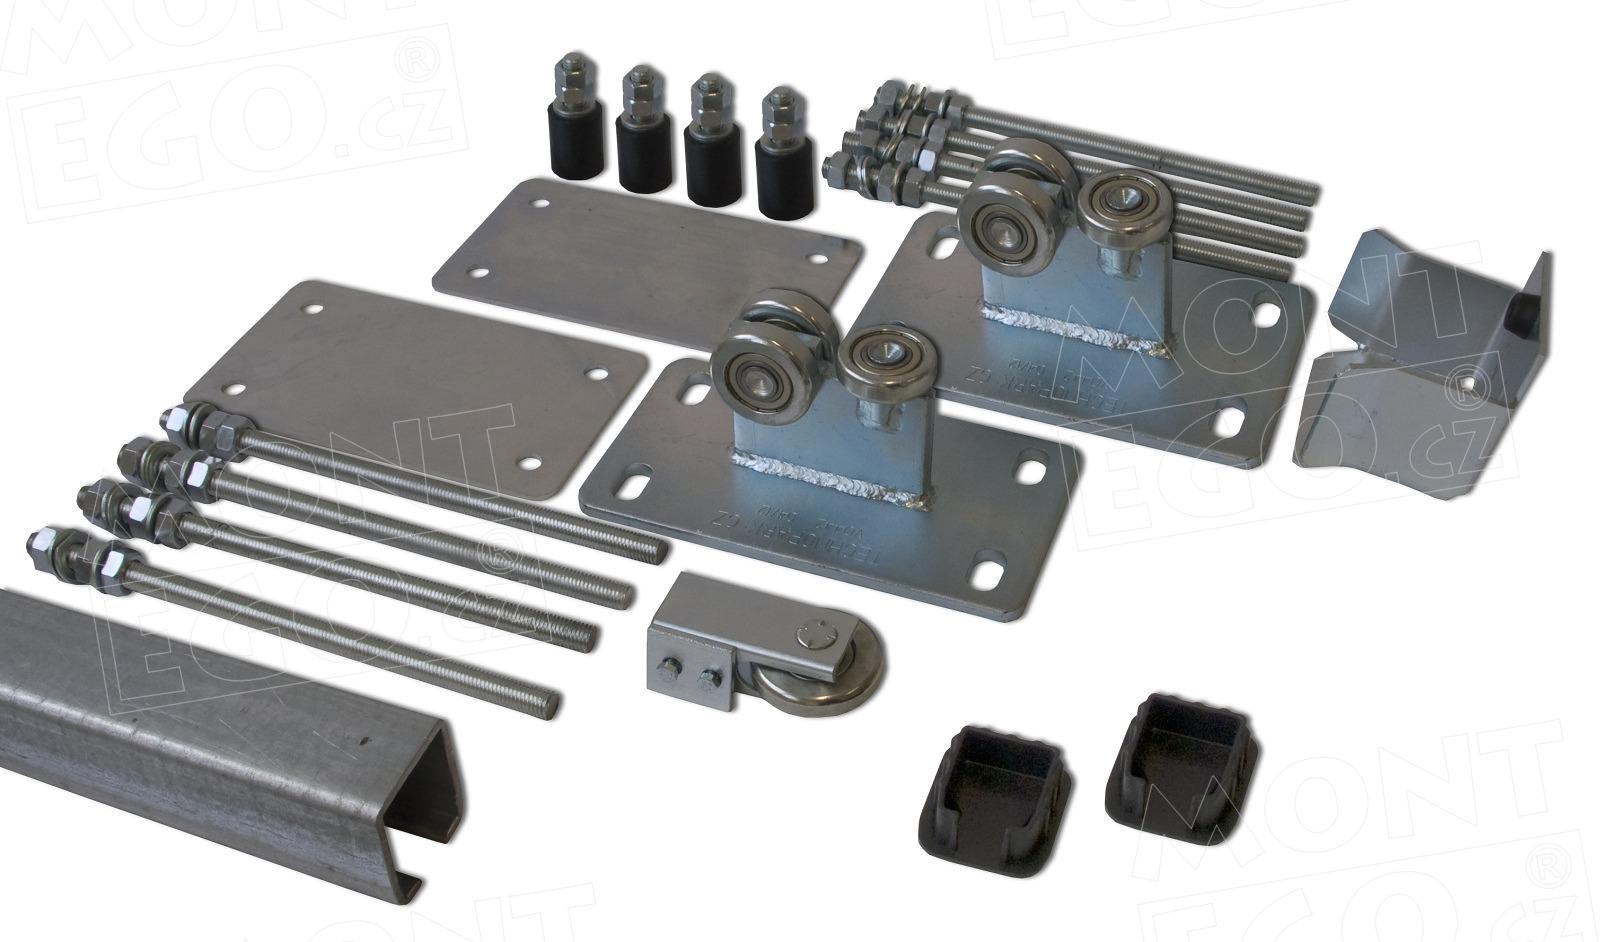 SK50.442 sestava dílů pro výrobu samonosné brány do 4,40 m průjezdu